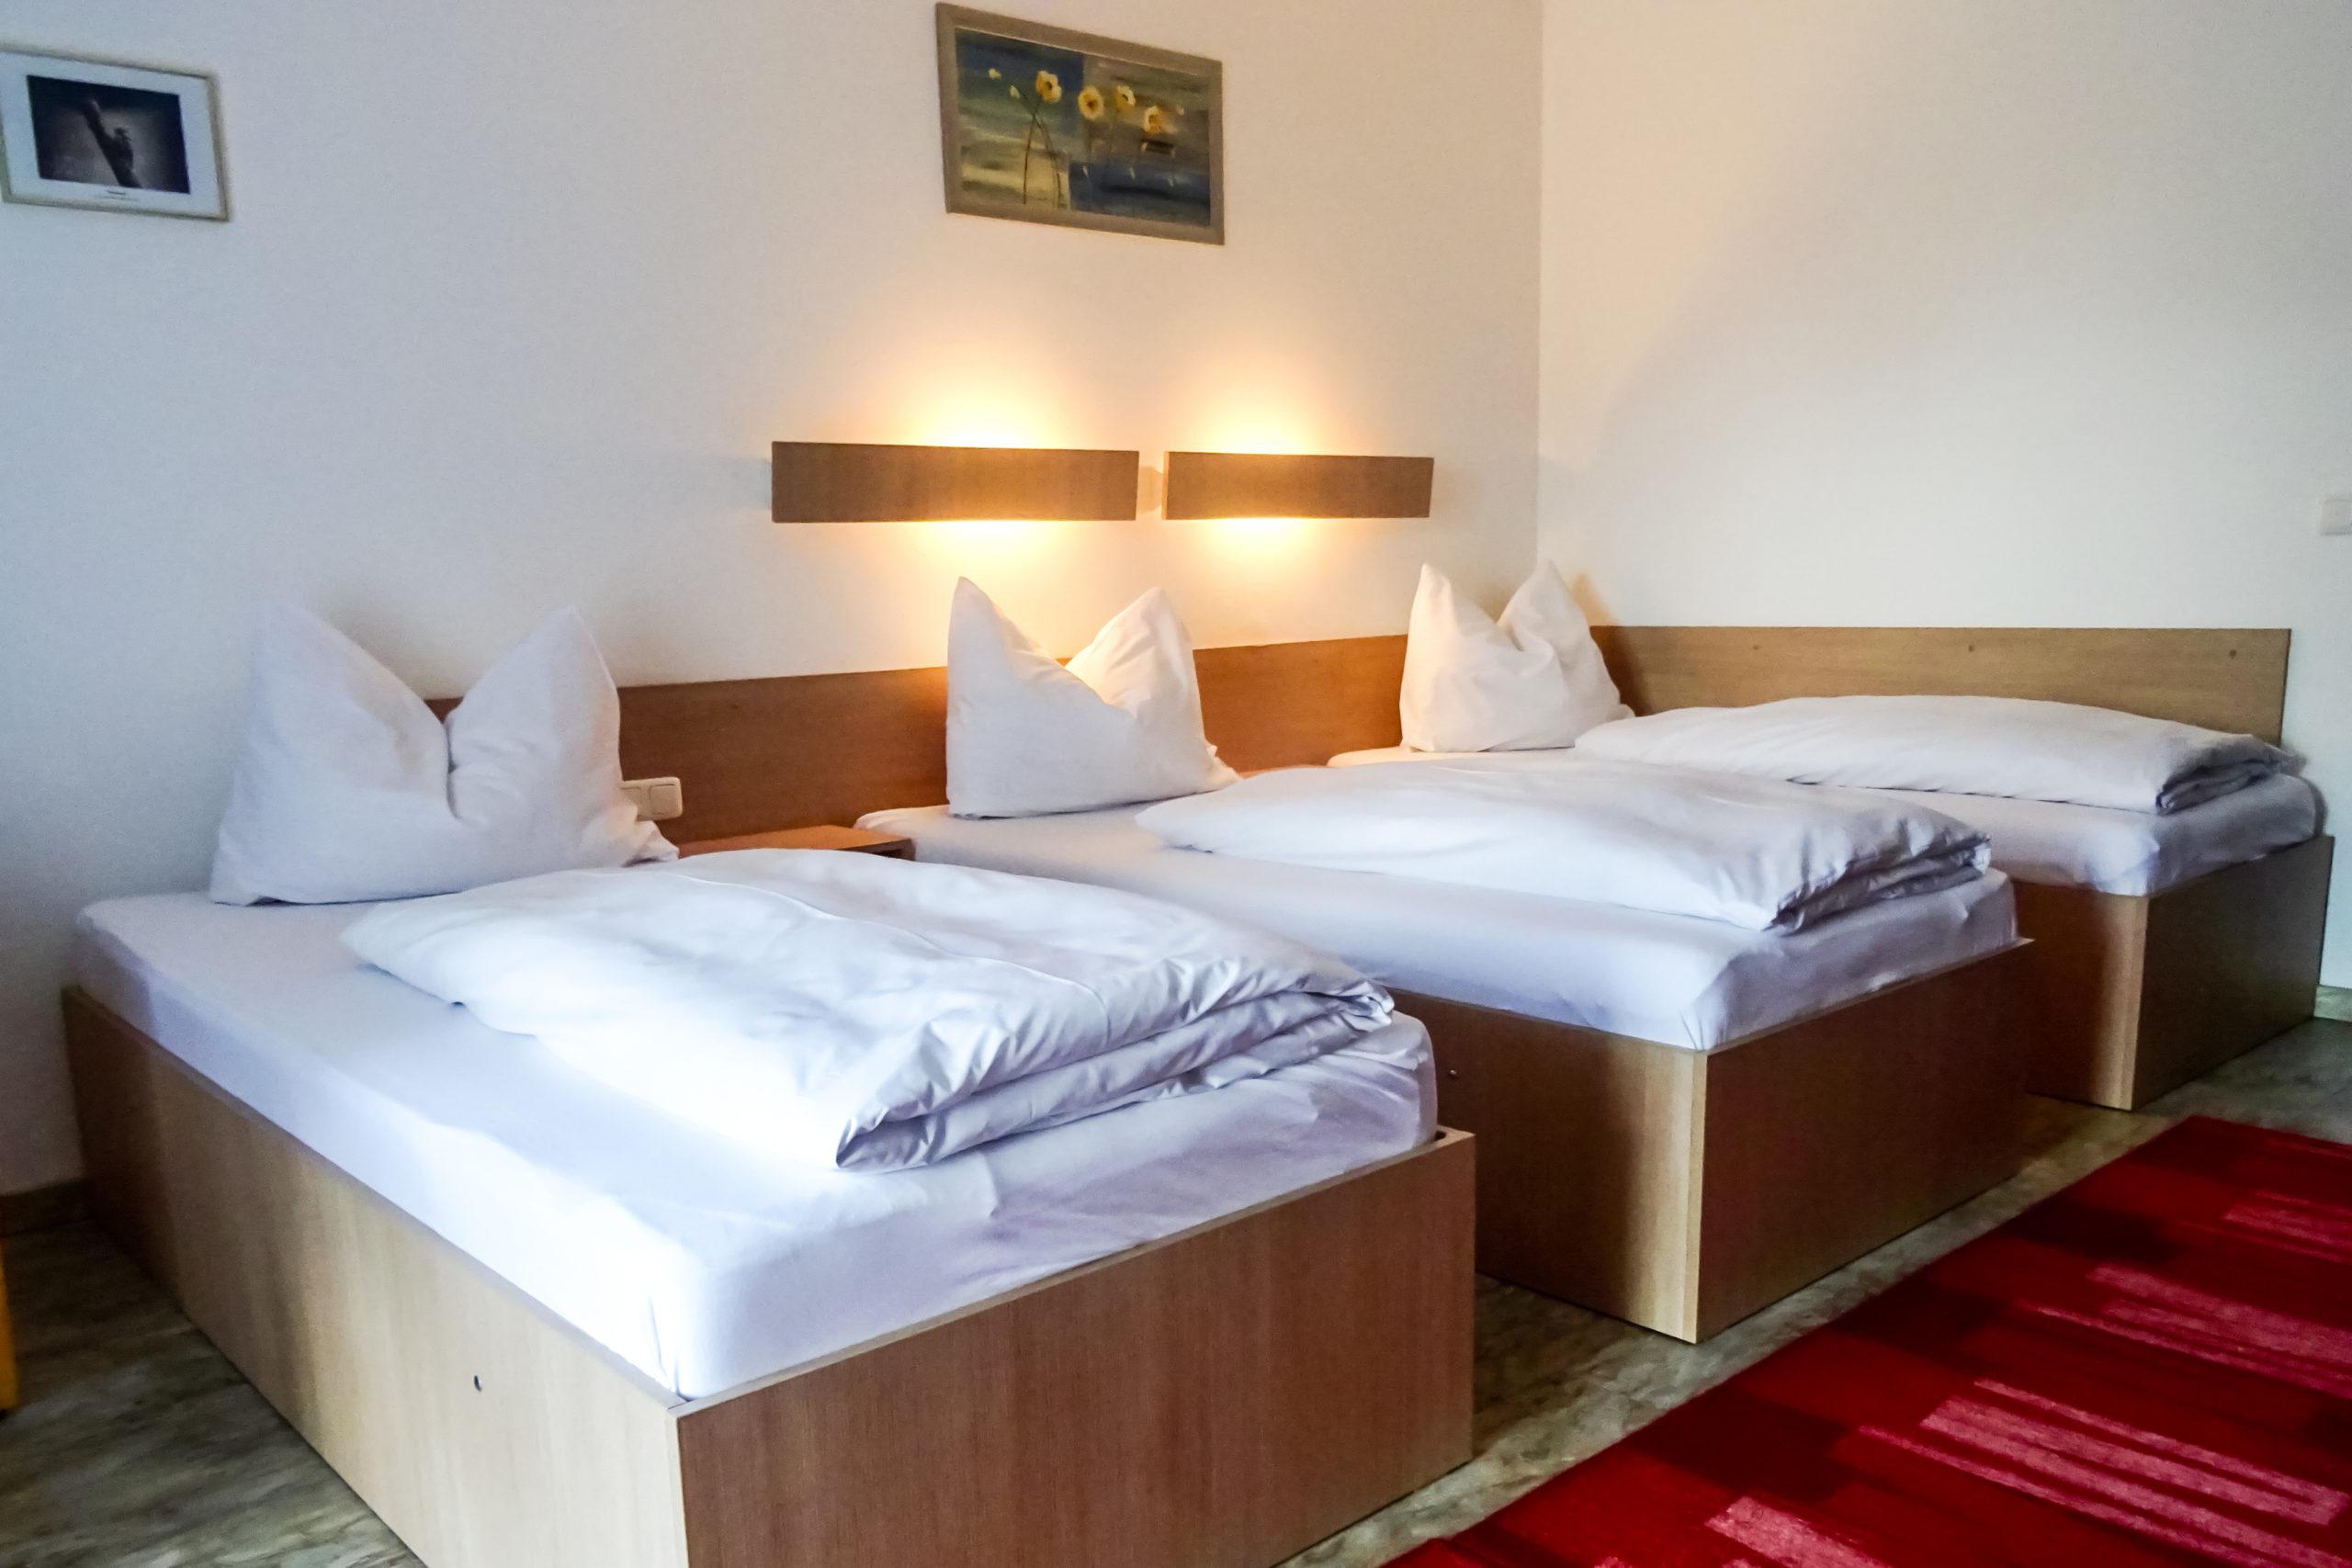 3-bett-zimmer-hotel-neuhaus